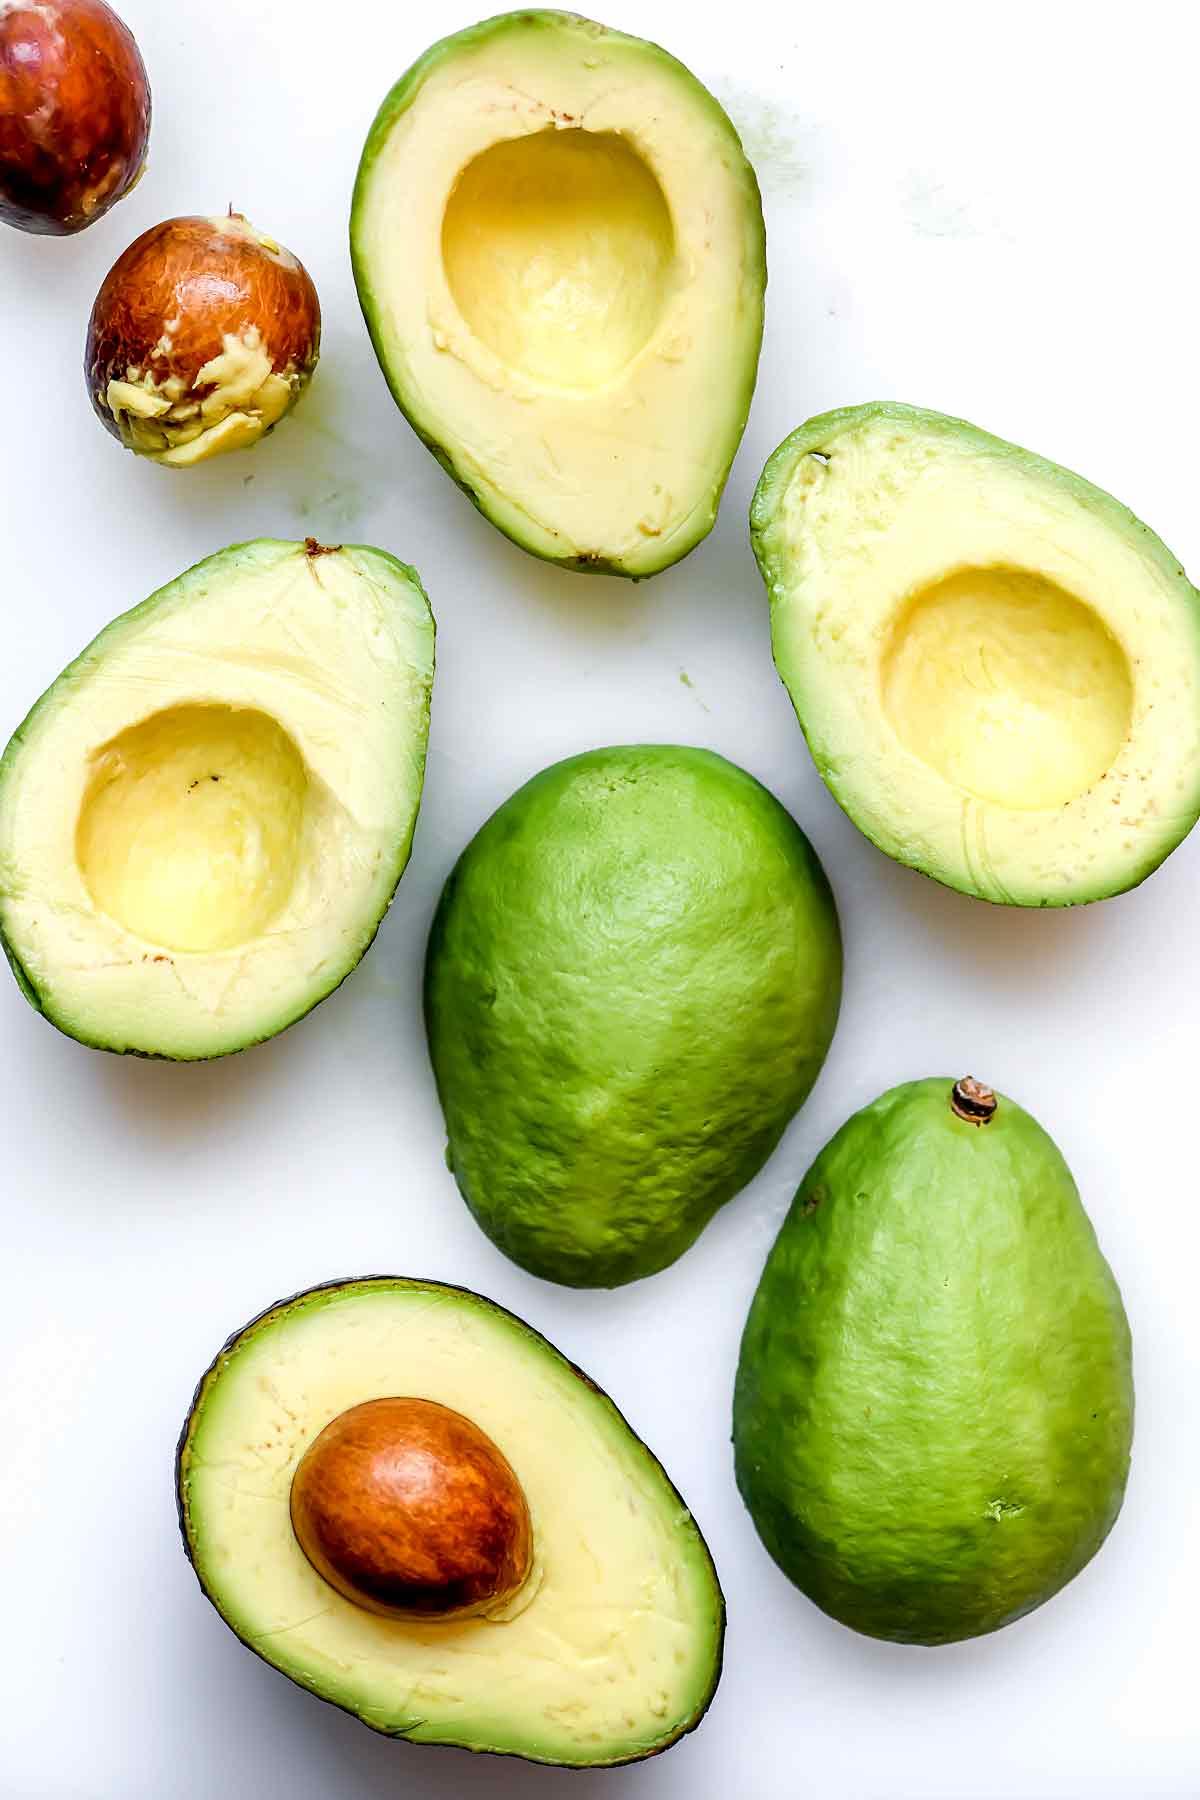 Chuyên gia khuyên chị em ăn 7 loại quả này vào buổi sáng để giảm cân, giữ eo thon bền vững - Ảnh 7.